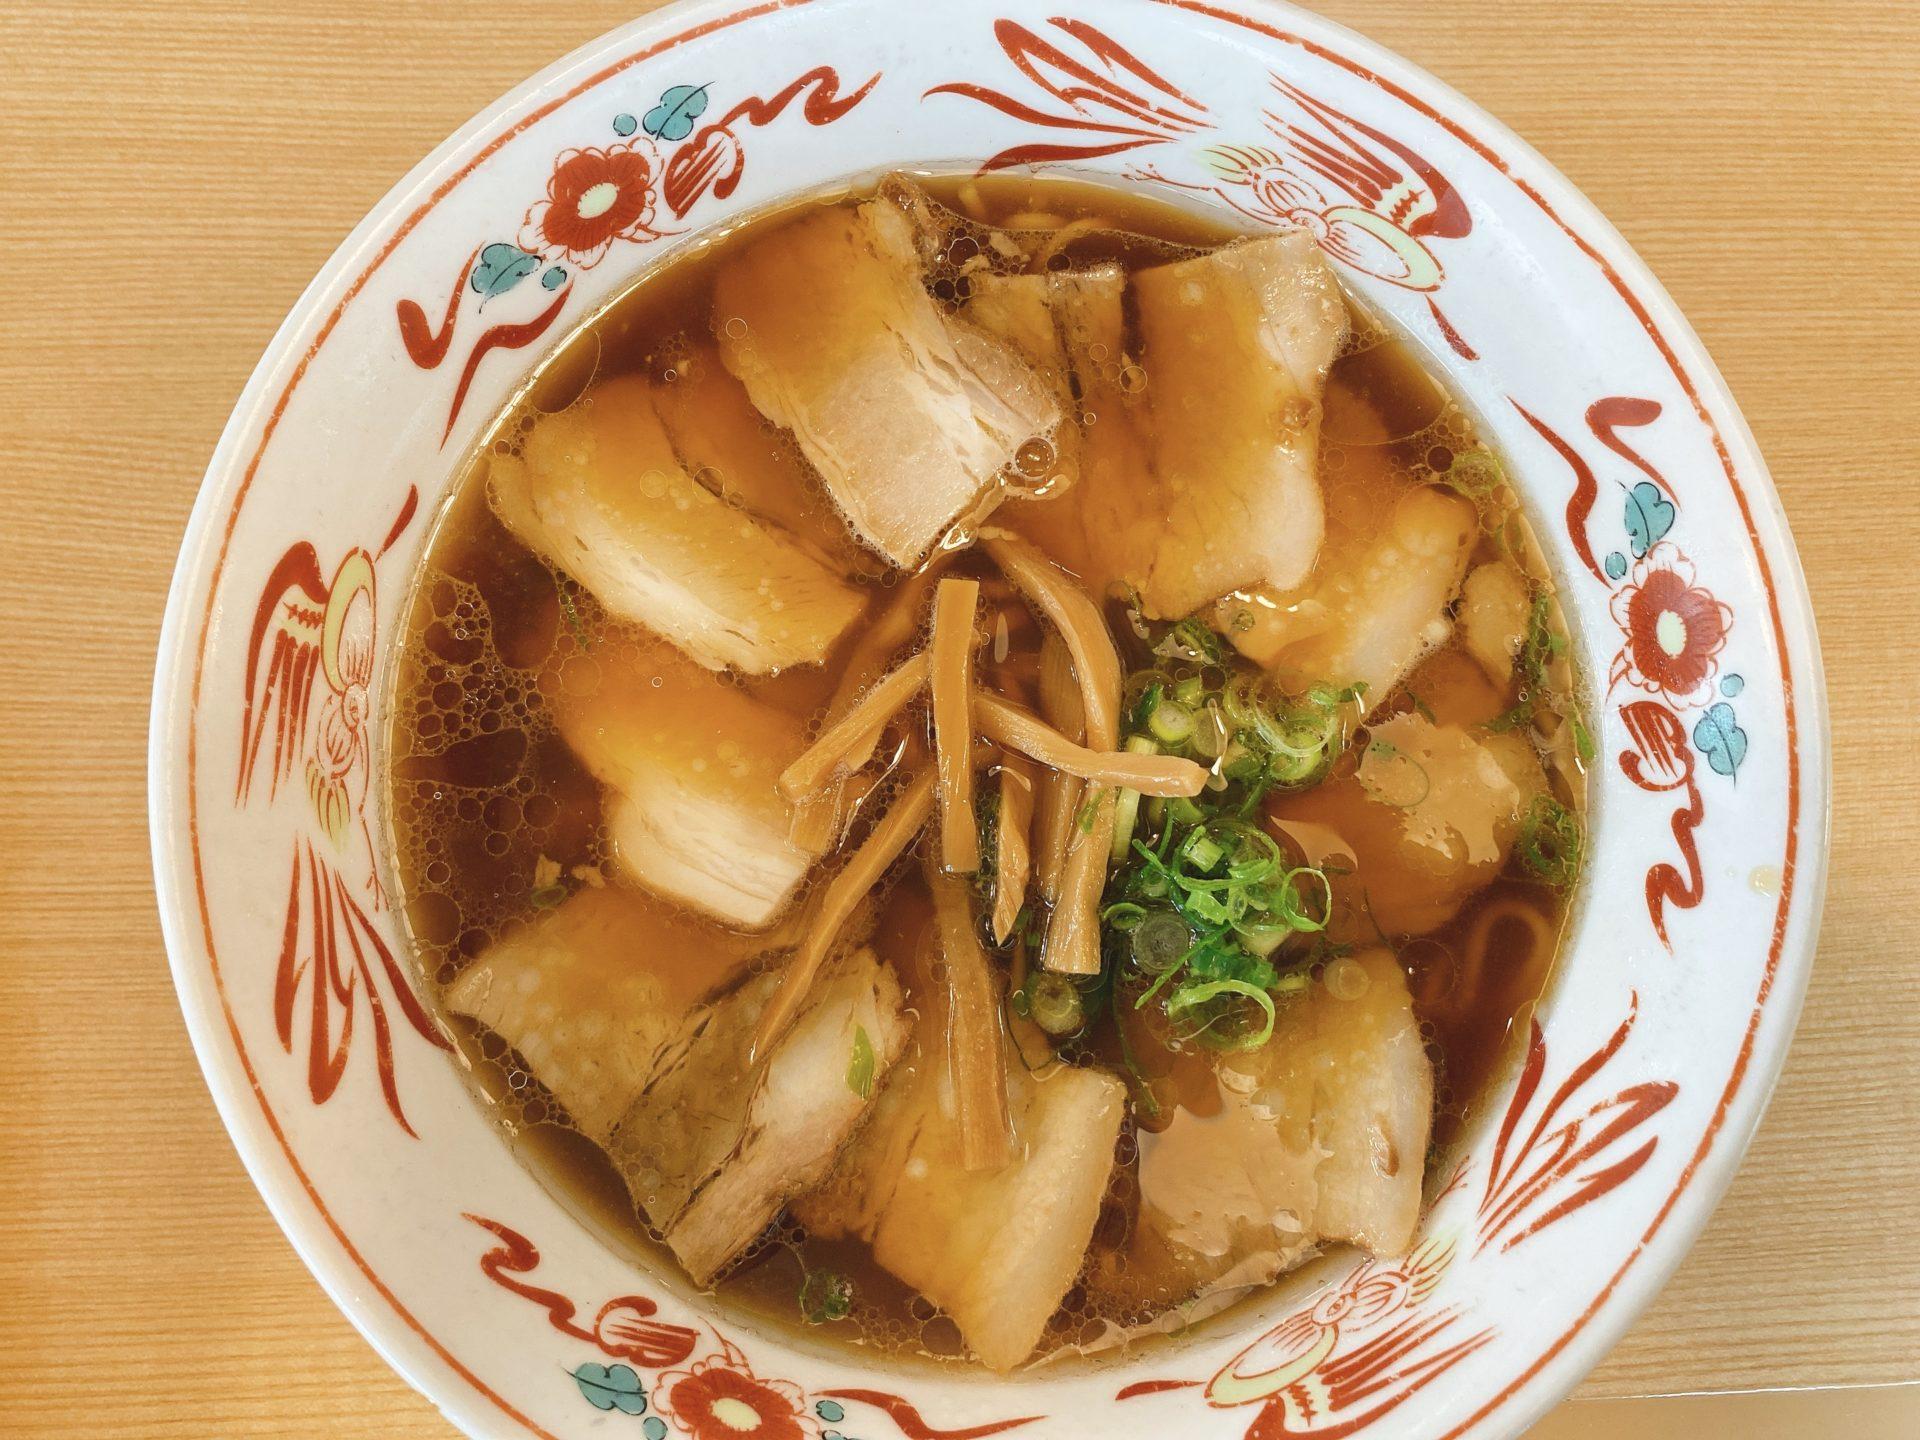 岡山市南区藤田 備前西市駅から車で8分【らーめん道(みち)】はスープが美味い!チャーシューメンをスープまで禁断の完飲!